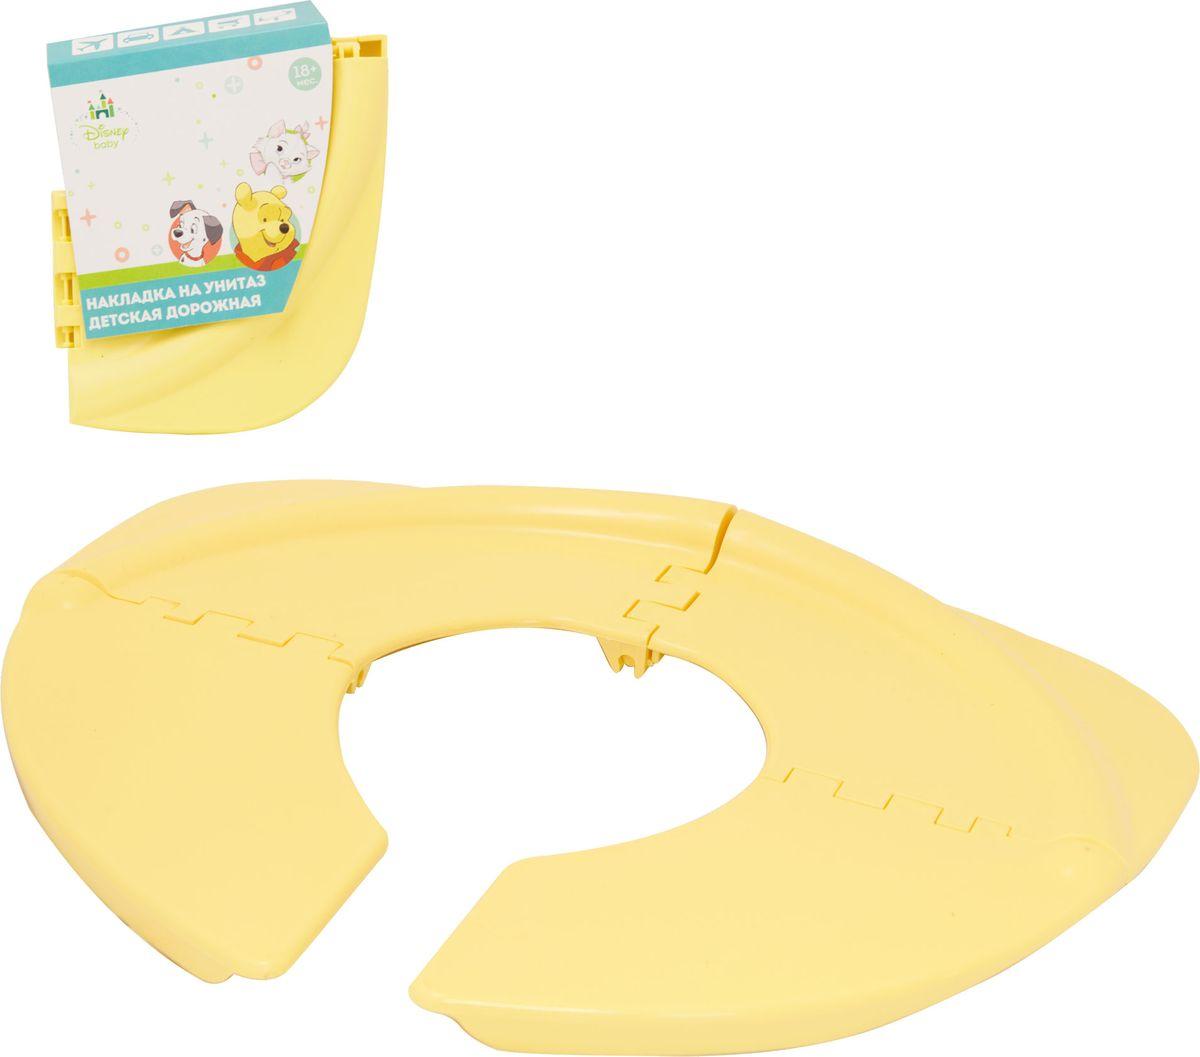 Disney Накладка на унитаз детская складная цвет банановый М 2580-Д